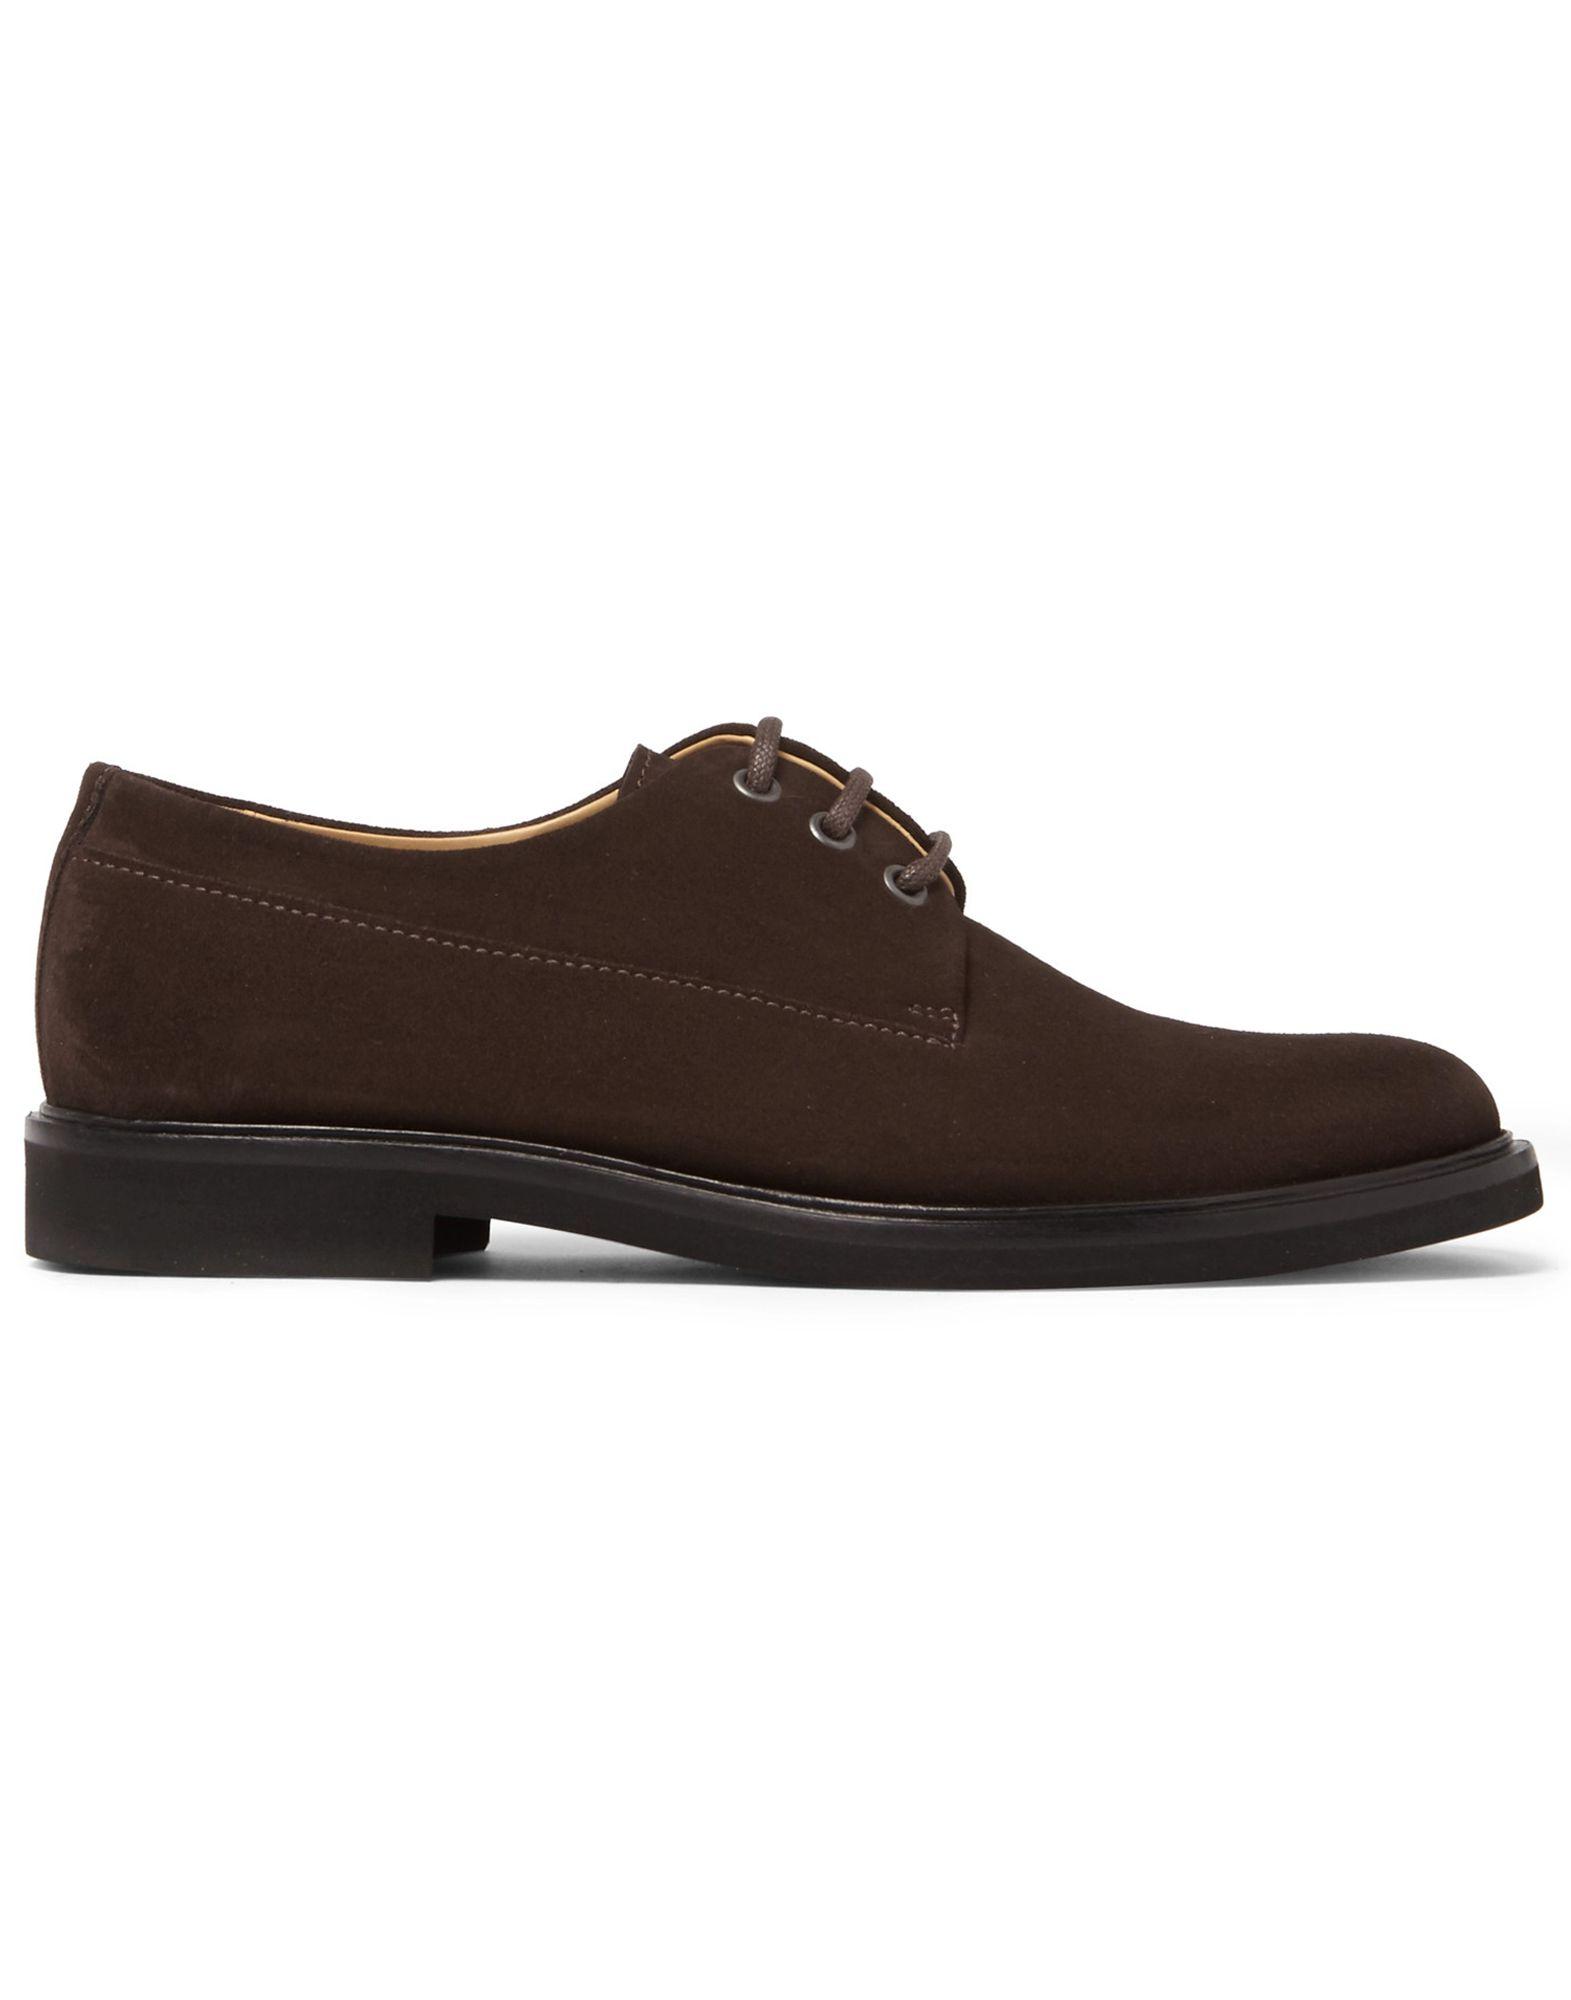 A.P.C. Schnürschuhe Herren  11539640VL Gute Qualität beliebte Schuhe